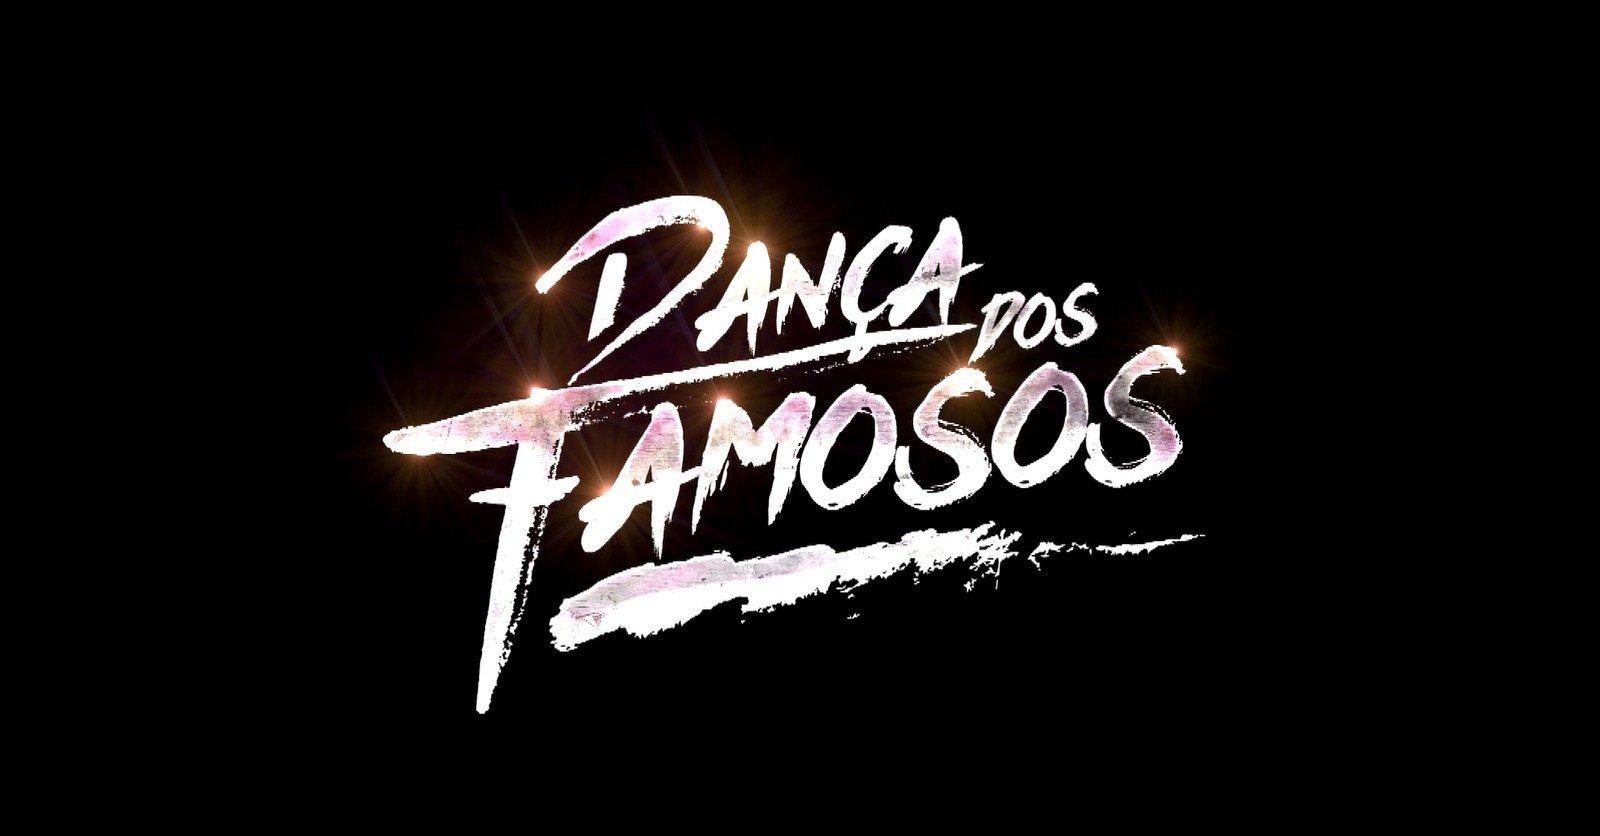 famosos.jpg?resize=300,169 - Confira as estrelas que farão parte do elenco da Dança dos Famosos 2018